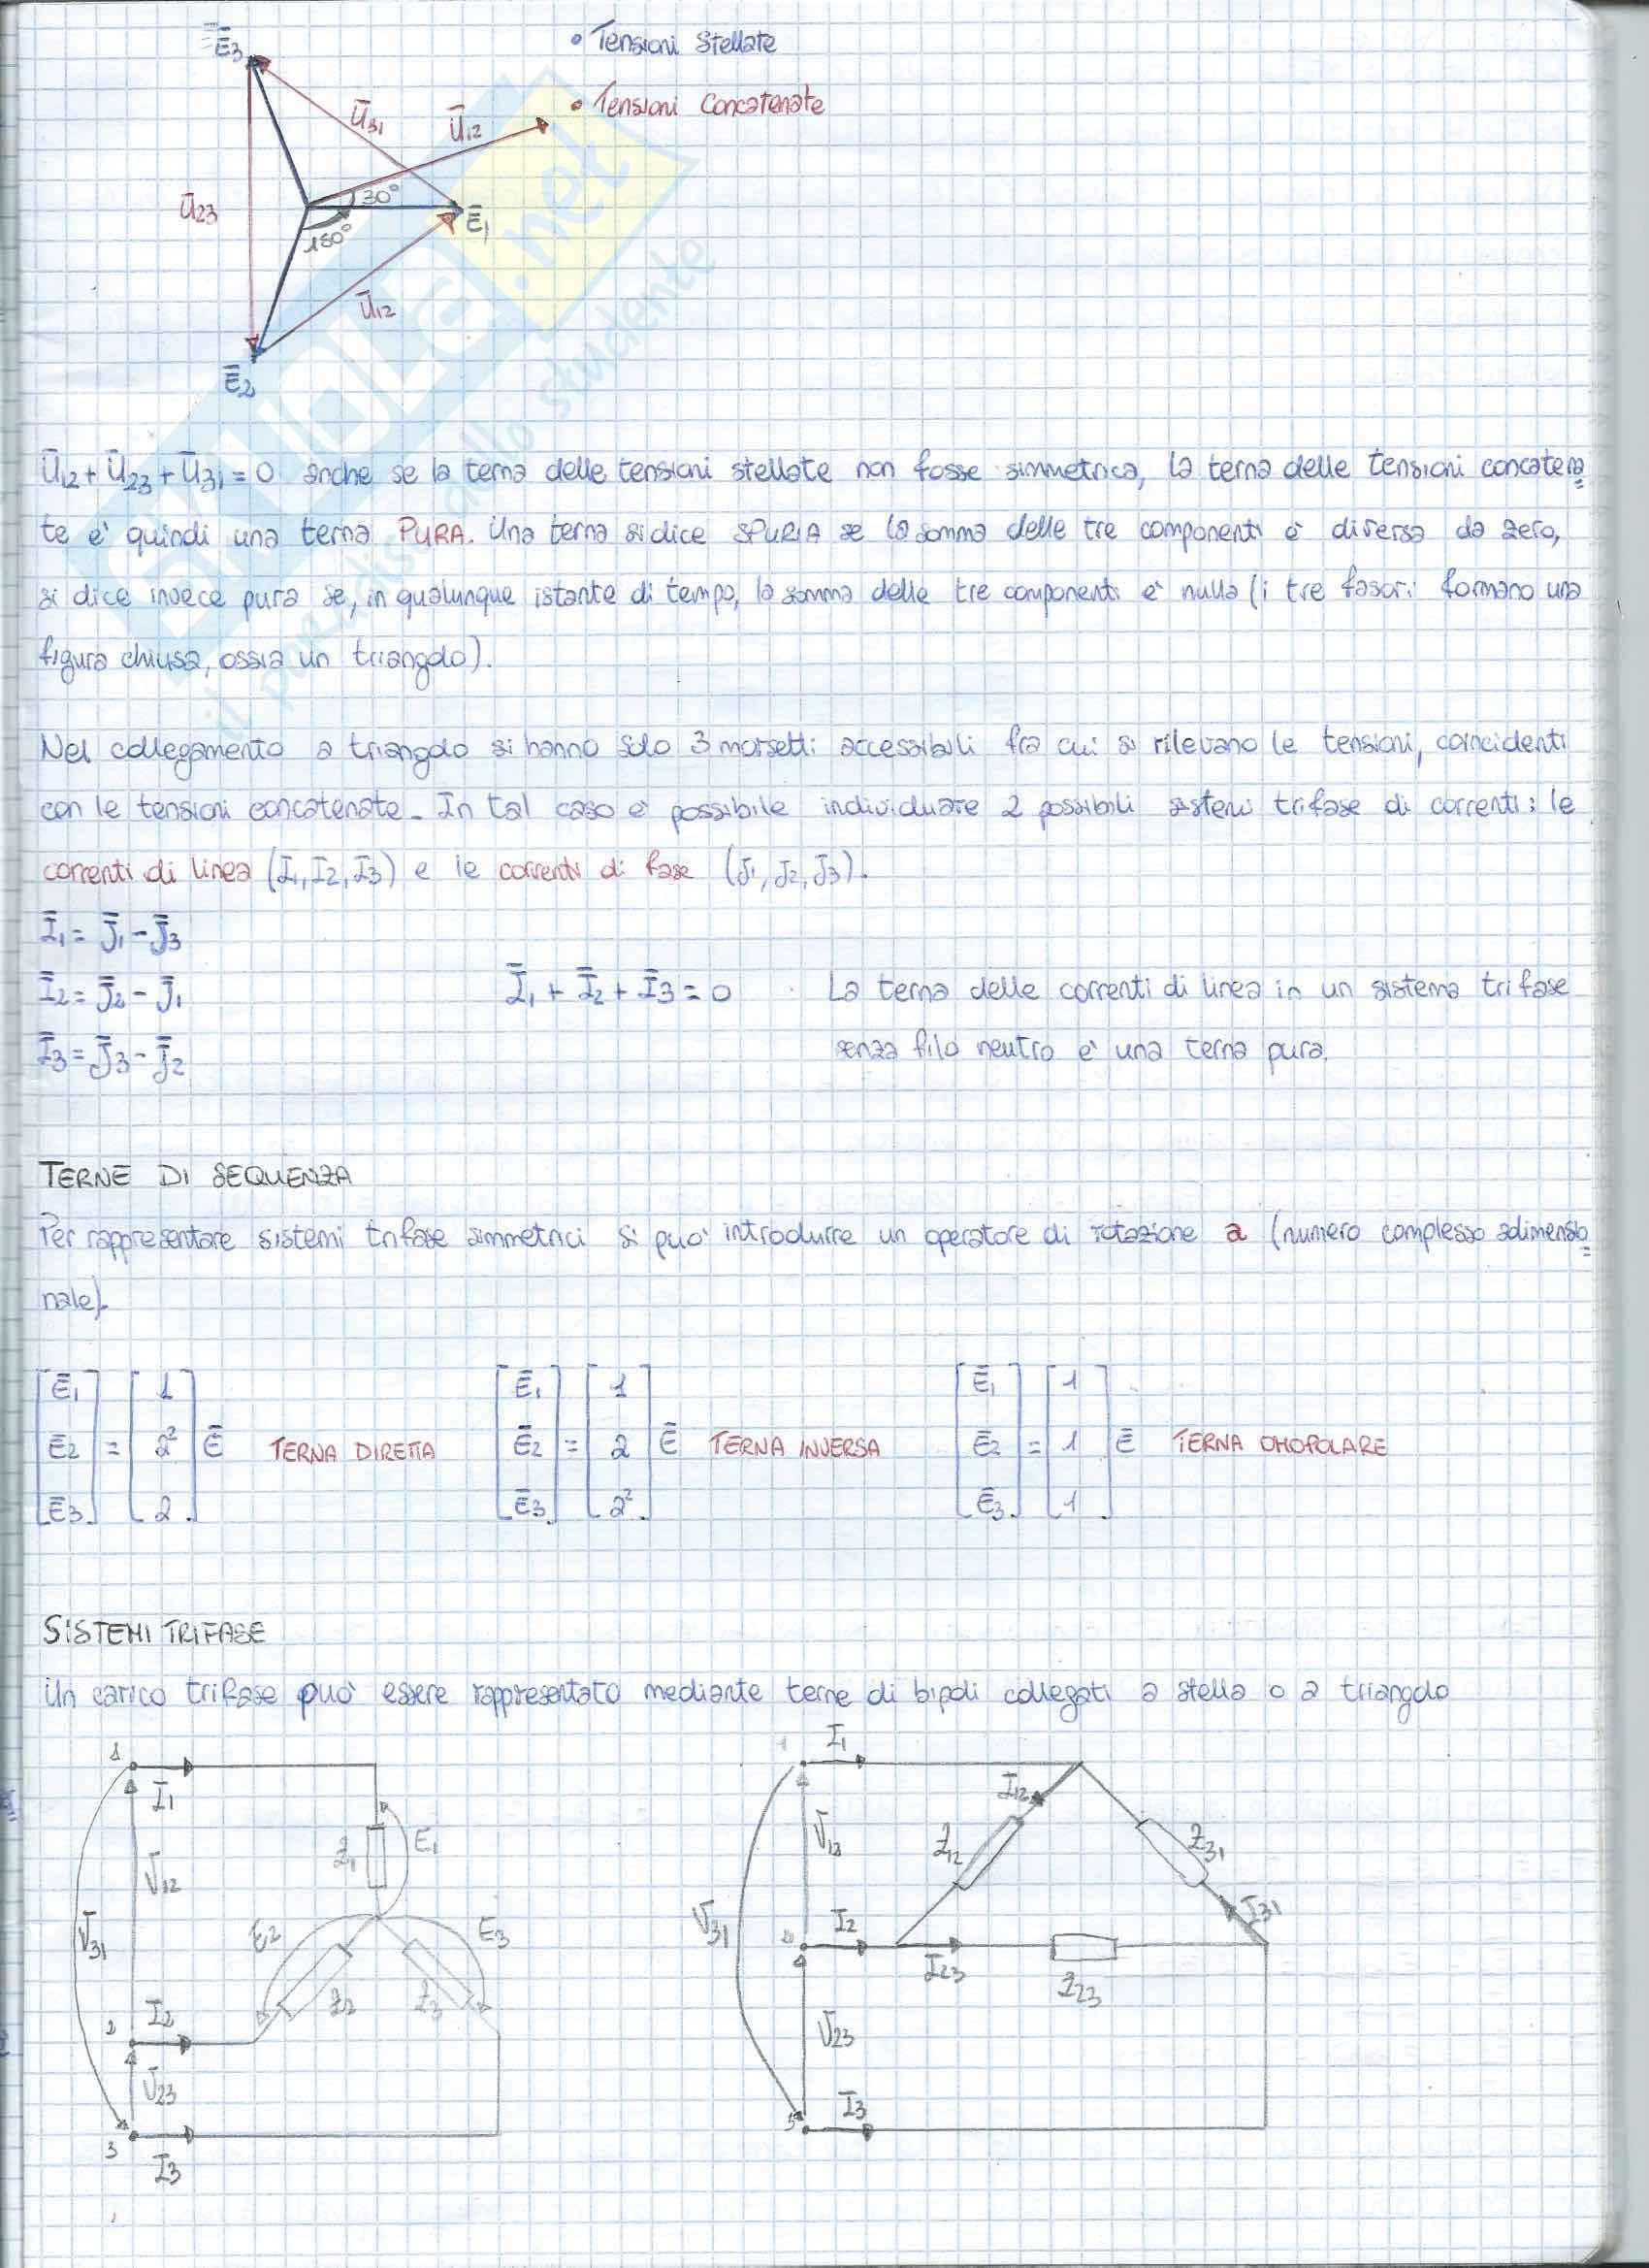 Analisi dei sistemi trifase Pag. 2